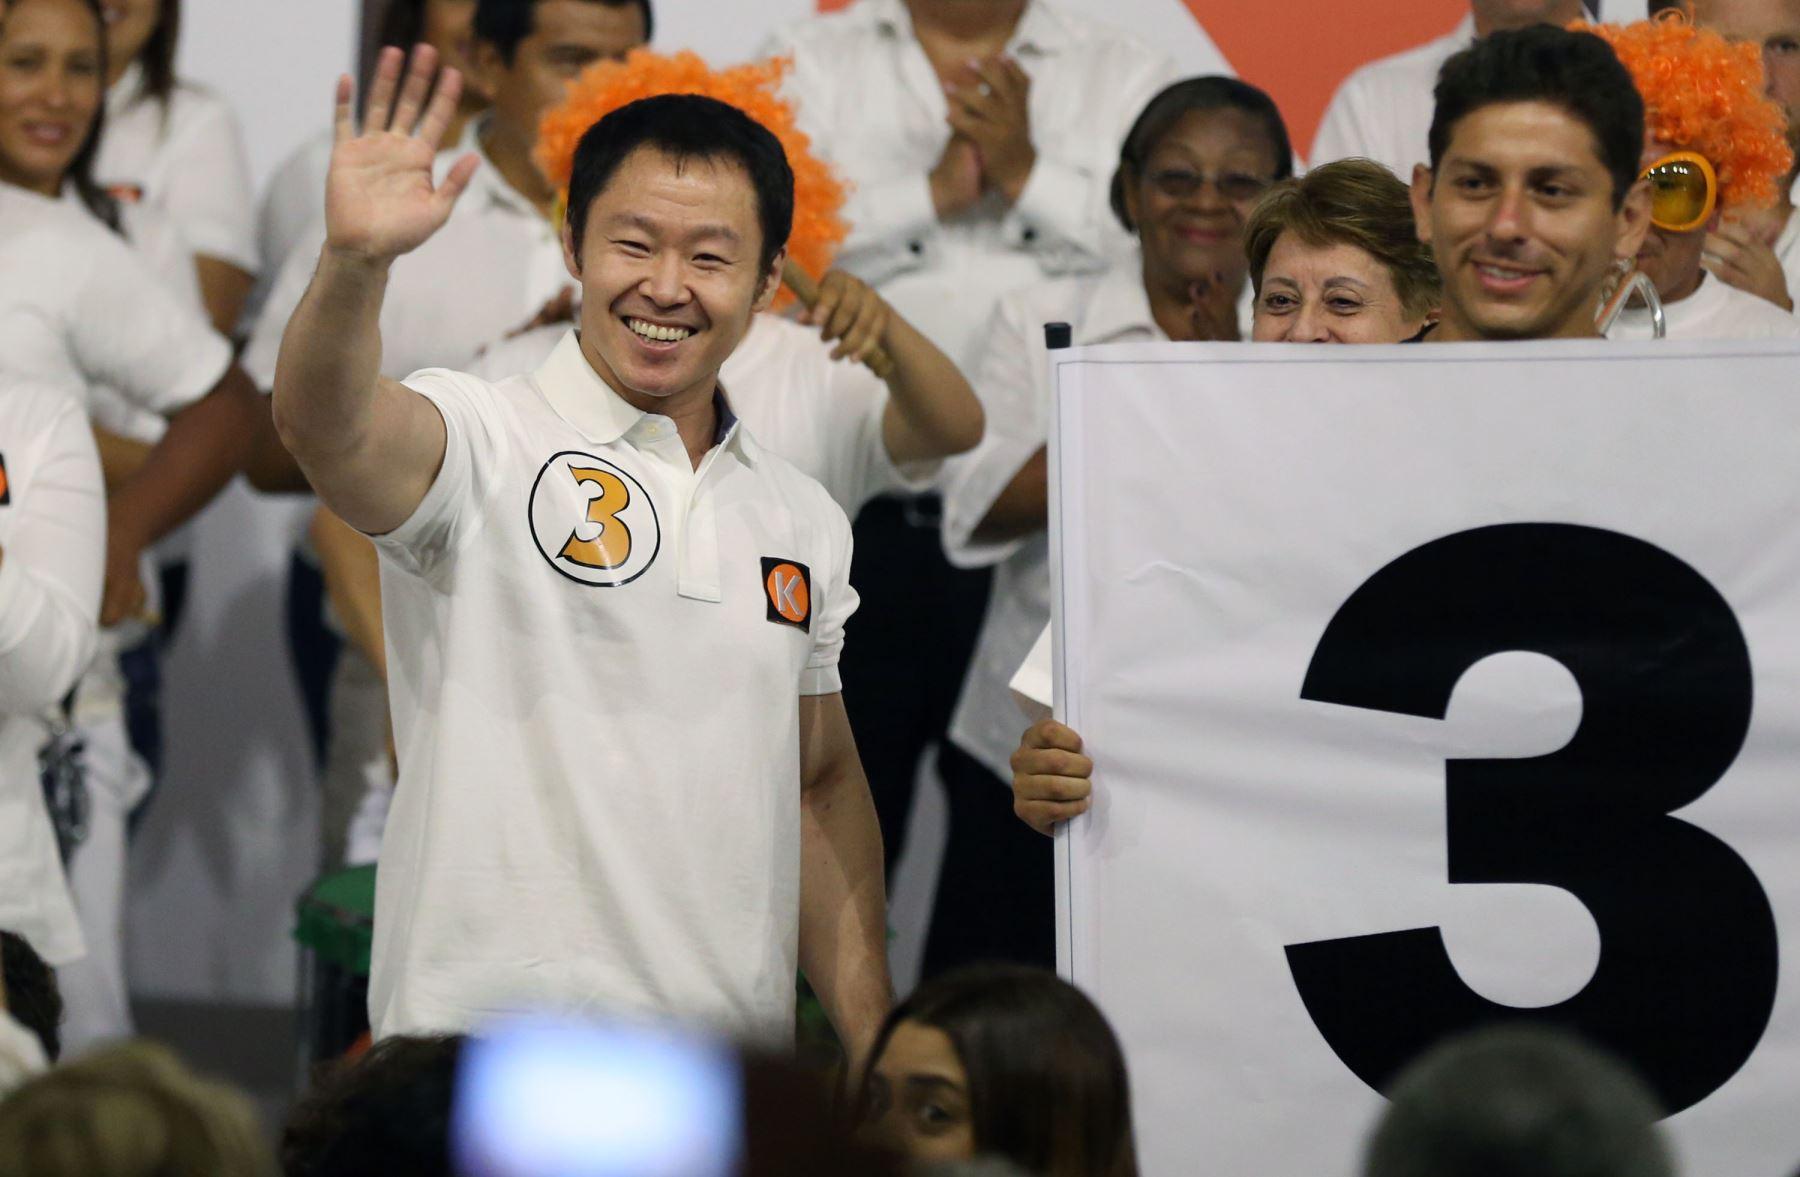 El 25 abril de 2016, durante la segunda vuelta electoral, Kenji Fujimori evidenció sus diferencias con Keiko Fujimori al señalar que la decisión de postular el 2021 era suya, en respuesta al compromiso de su hermana de que en el 2021 no habrá un candidato con el apellido Fujimori. Foto: ANDINA/Vidal Tarqui